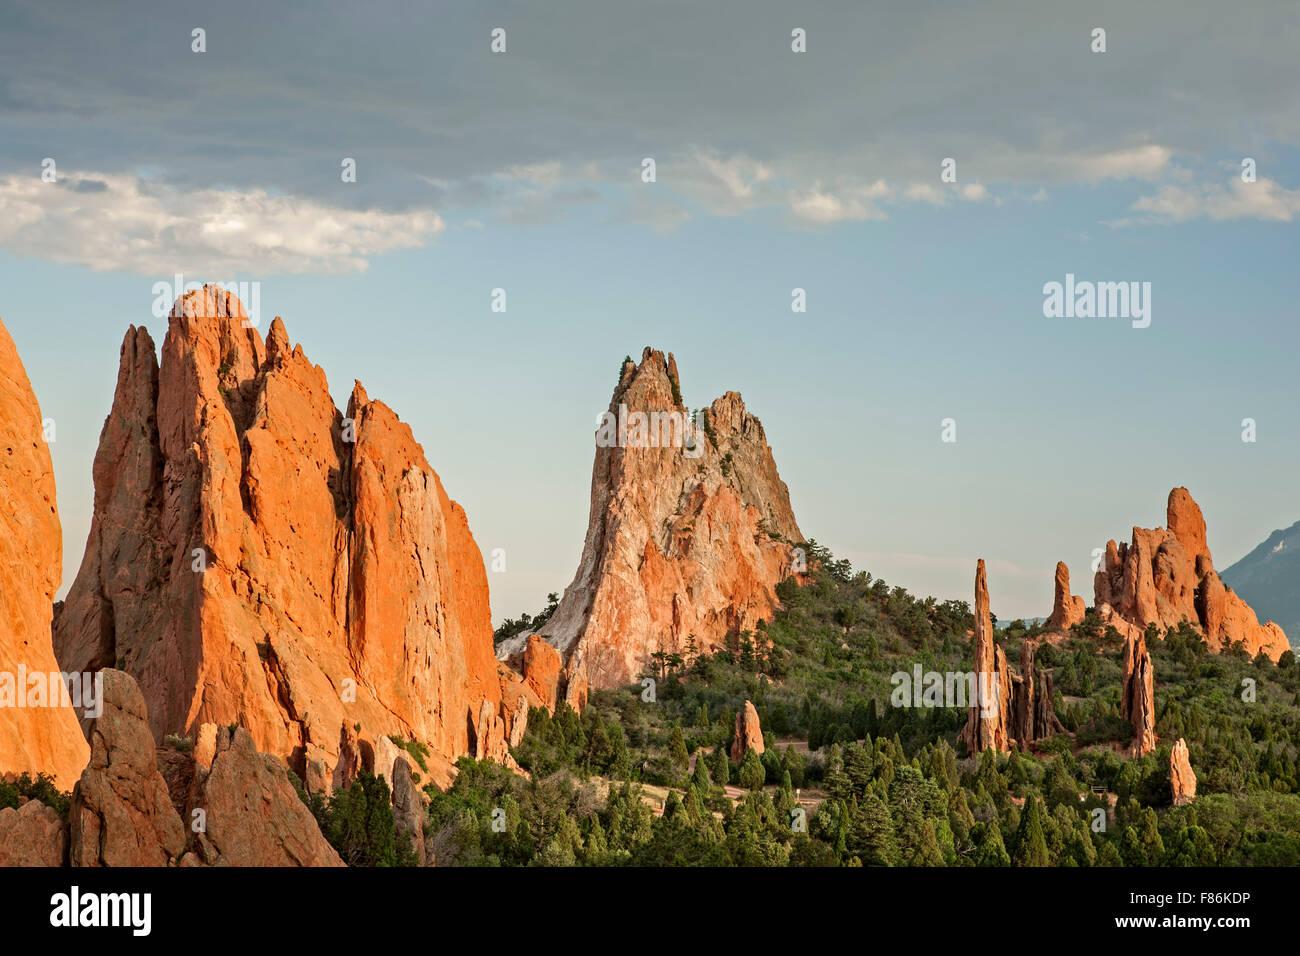 Cathedral Spires, Garden of the Gods, Colorado Springs, Colorado USA Stock Photo